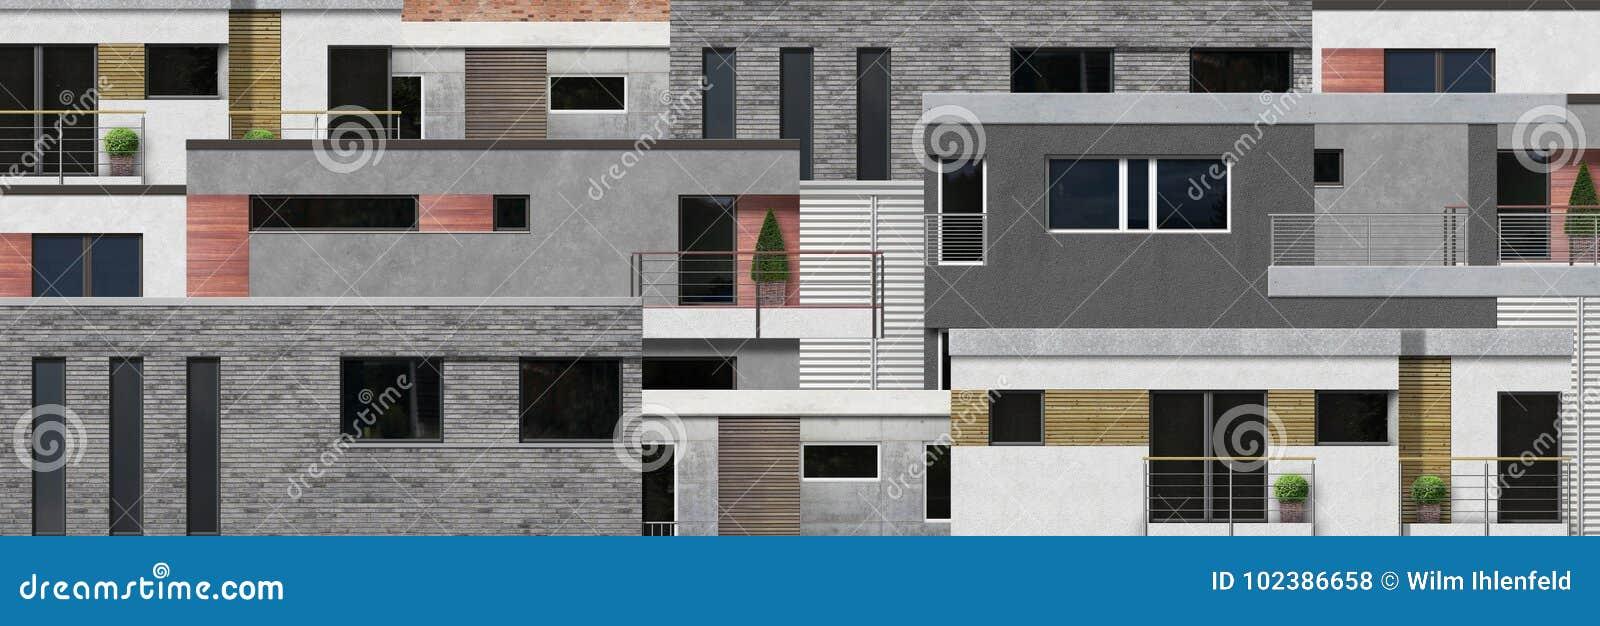 Façades à La Maison Modernes Dans La Vue Frontale ...